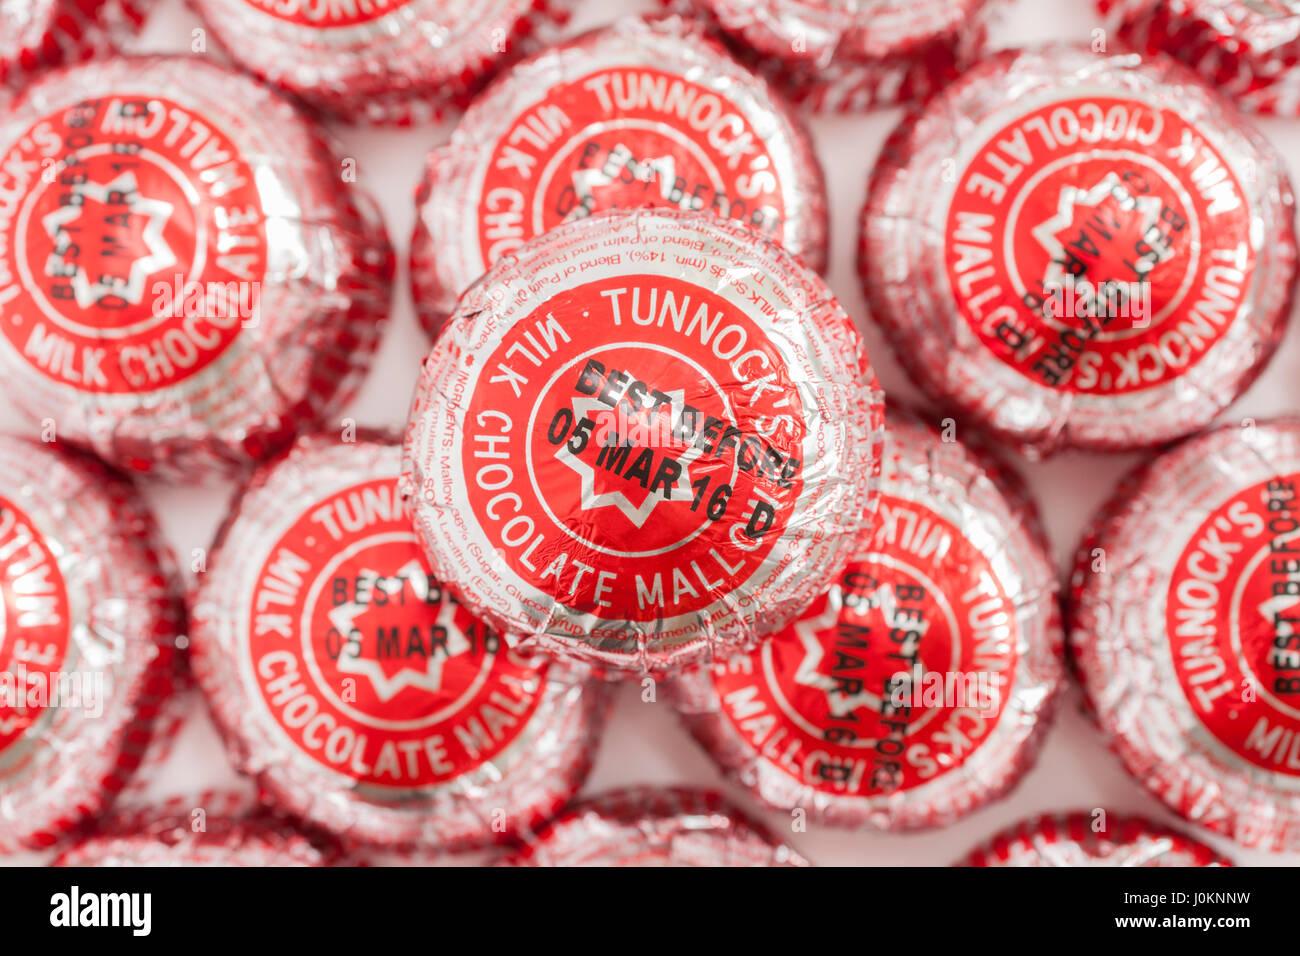 Un Teacakes Tunnocks guimauve chocolat biscuit produit par une famille baker basé à Uddingston Banque D'Images